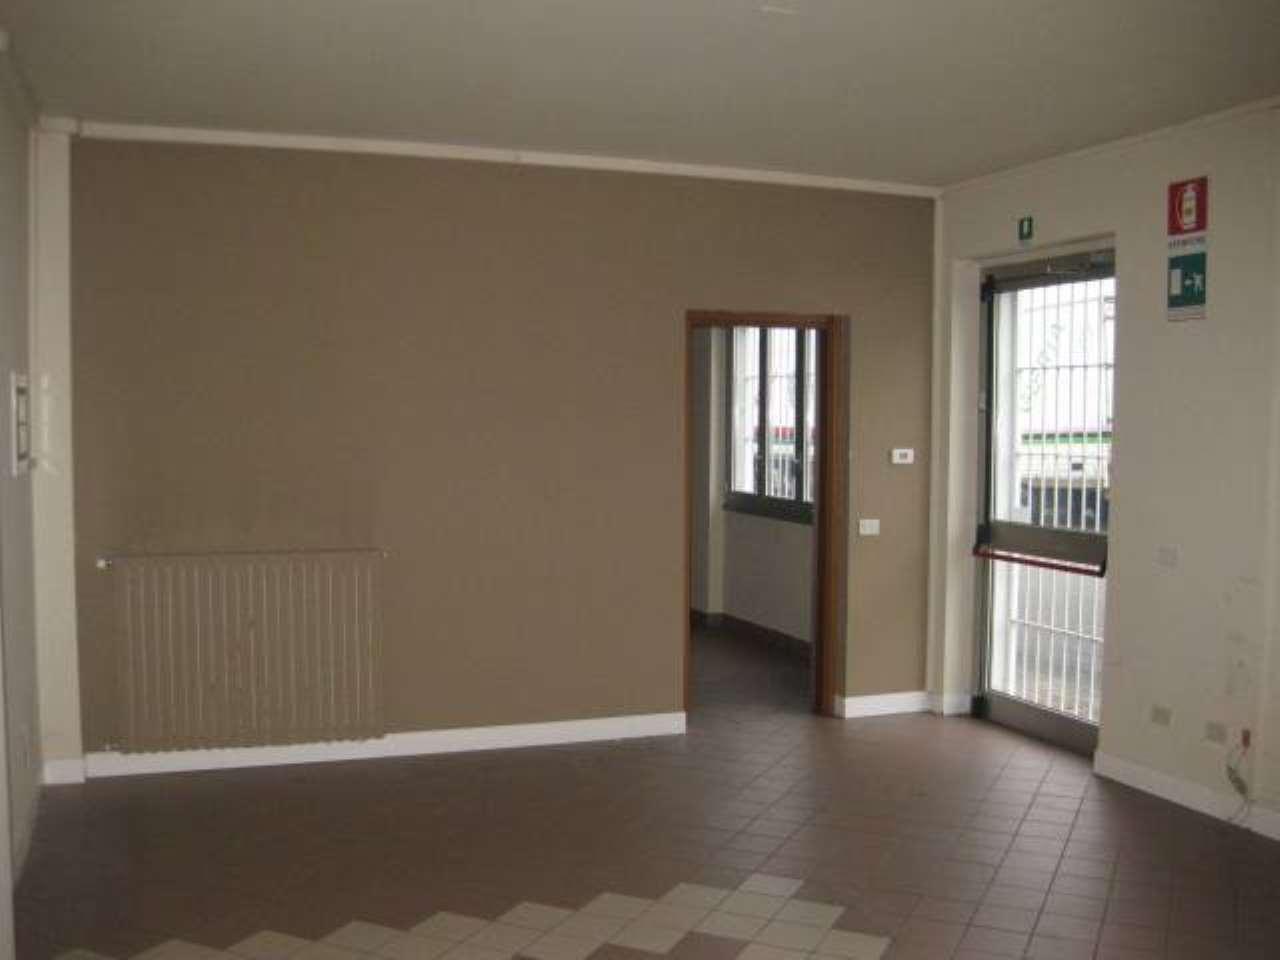 Ufficio / Studio in affitto a Basiano, 5 locali, prezzo € 2.083 | CambioCasa.it